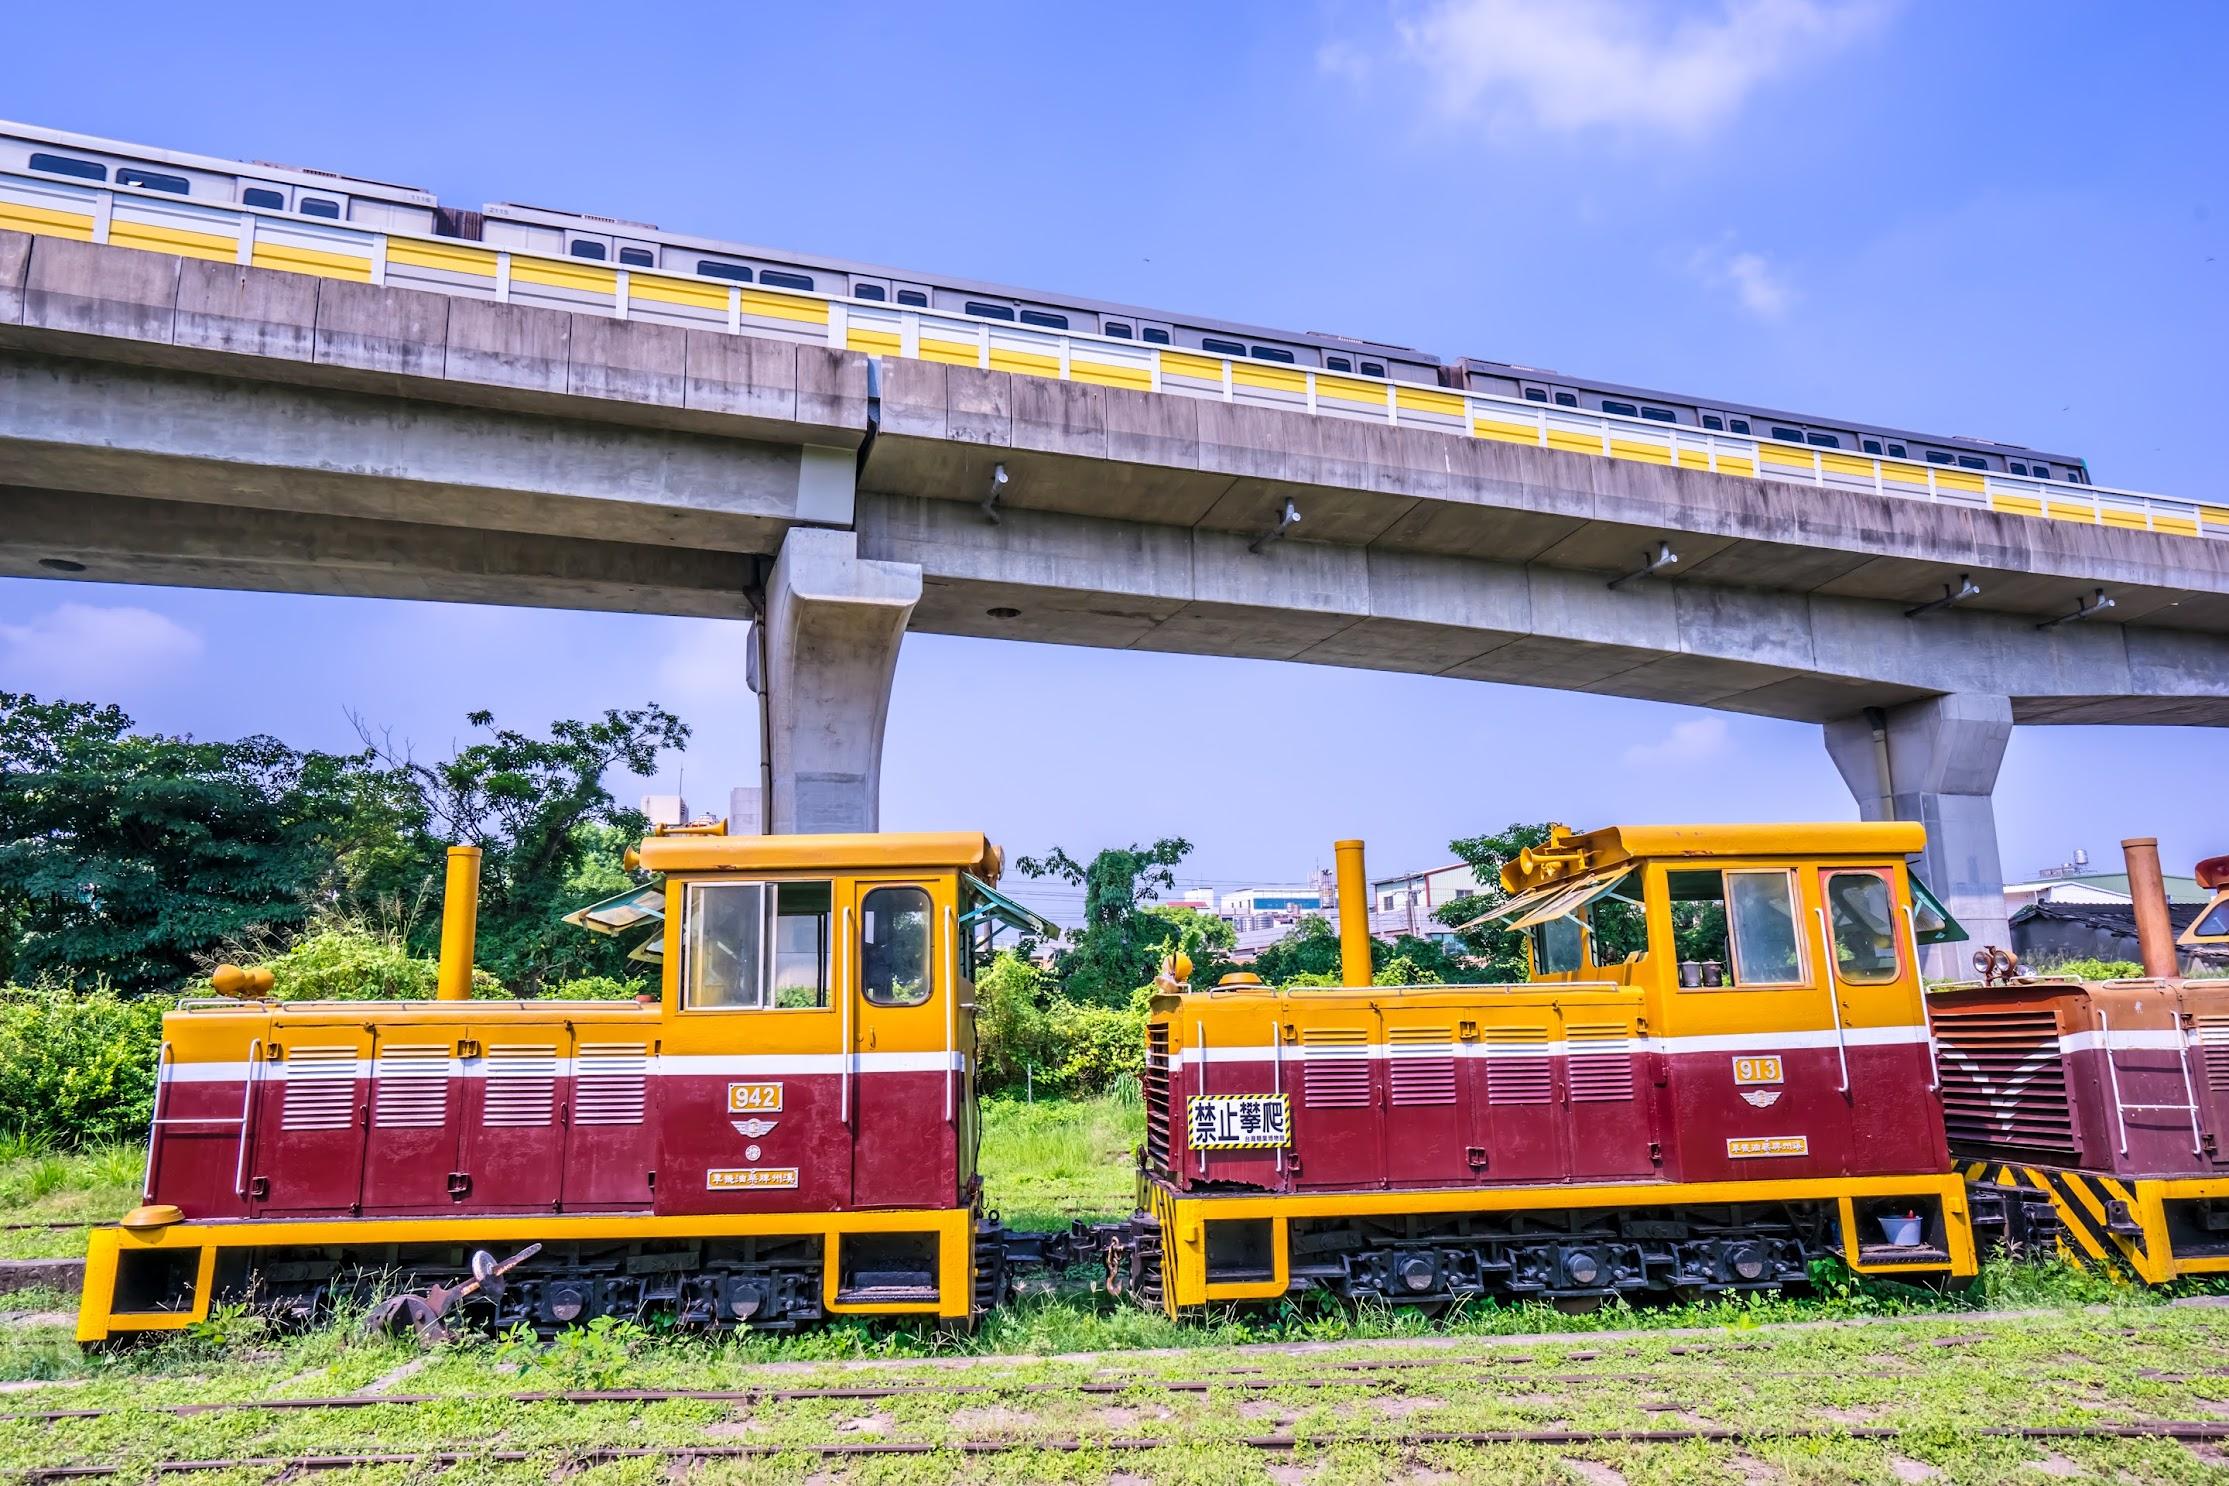 台湾糖業博物館 五分車3